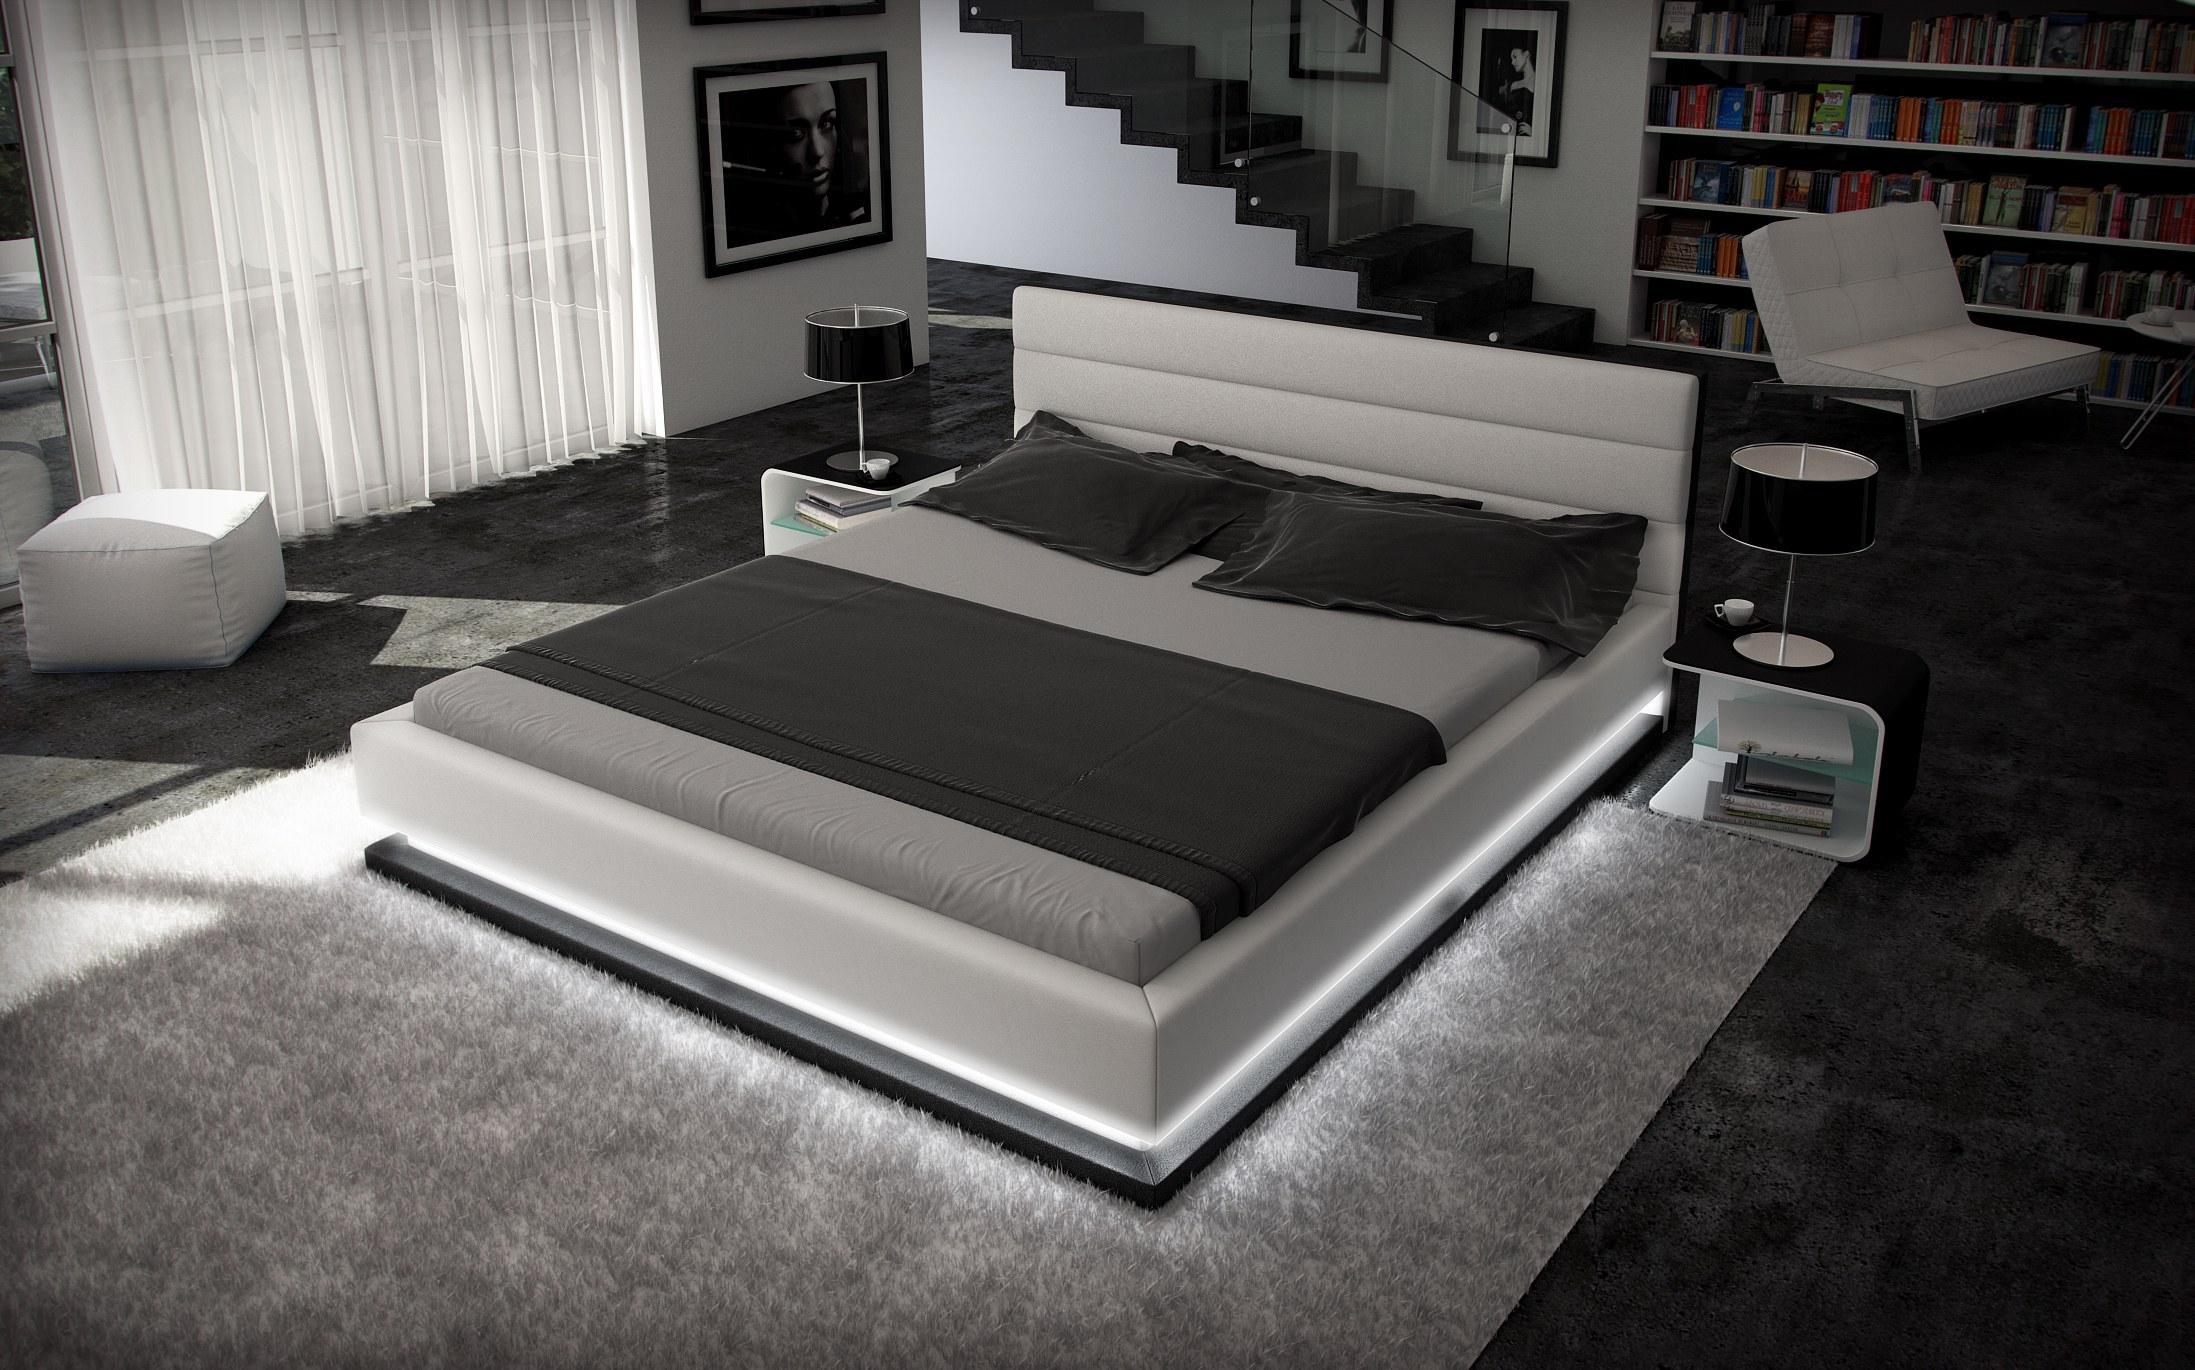 Full Size of Luxus Bett Design Moonlight Im Komplettset Mit Licht 7 Zonen Matratze Paradies Betten Bopita 2x2m King Size 160x200 Ottoversand Ruf Preise Inkontinenzeinlagen Bett Luxus Bett